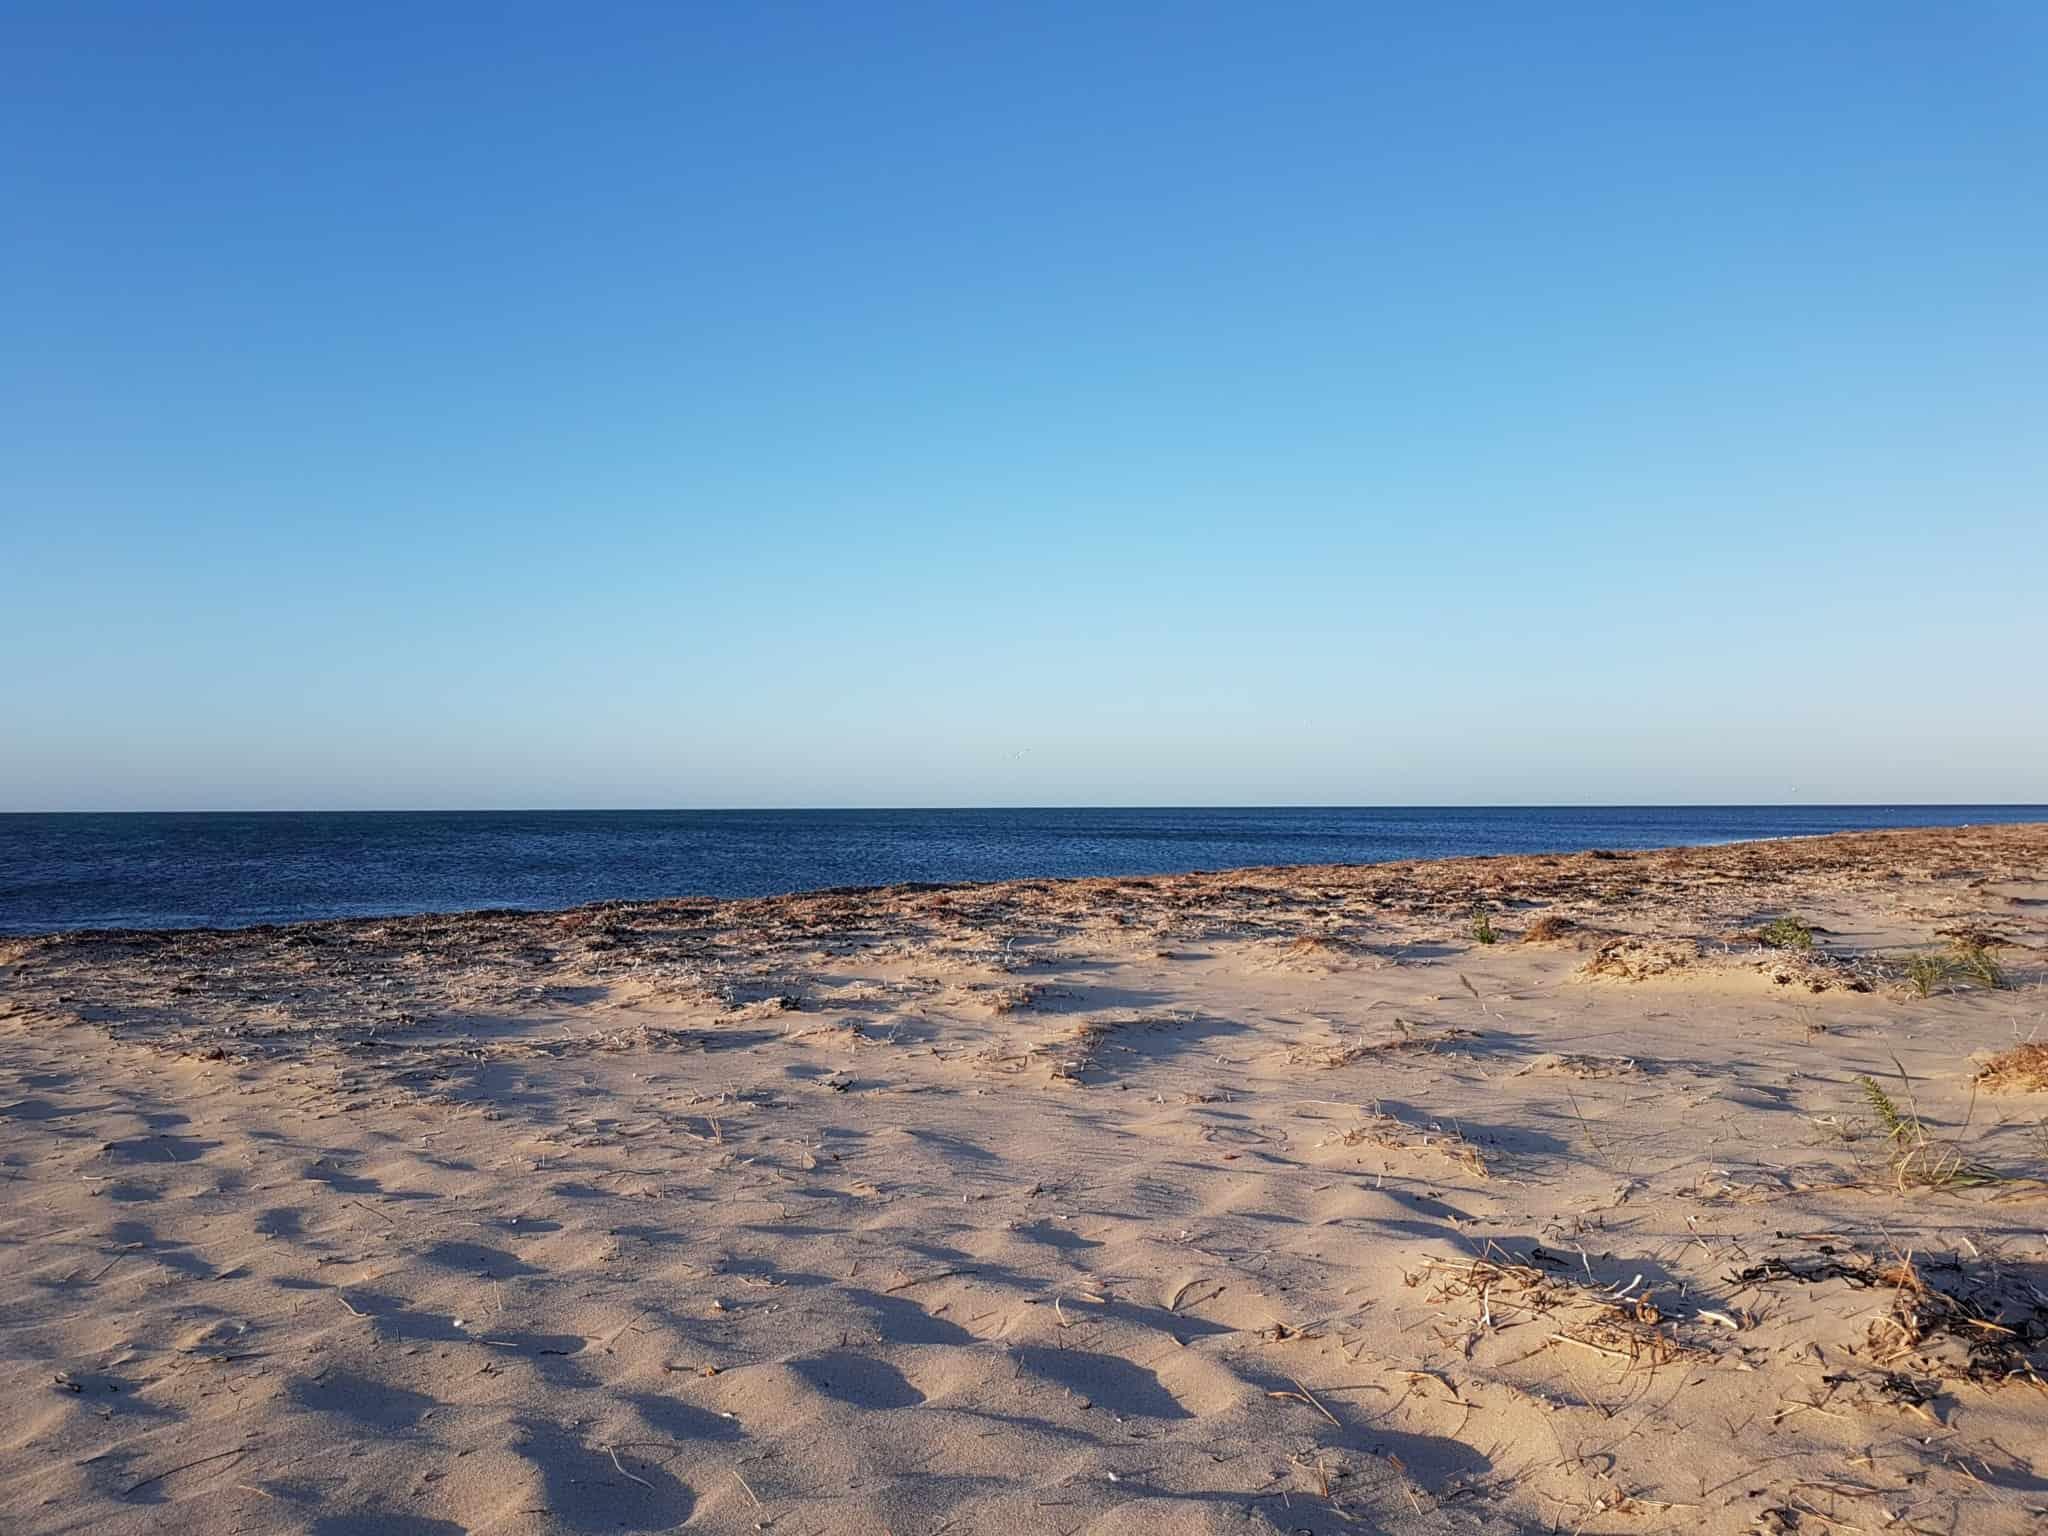 Australie, on loue une voiture pour faire la Great Ocean Road 🚗 18